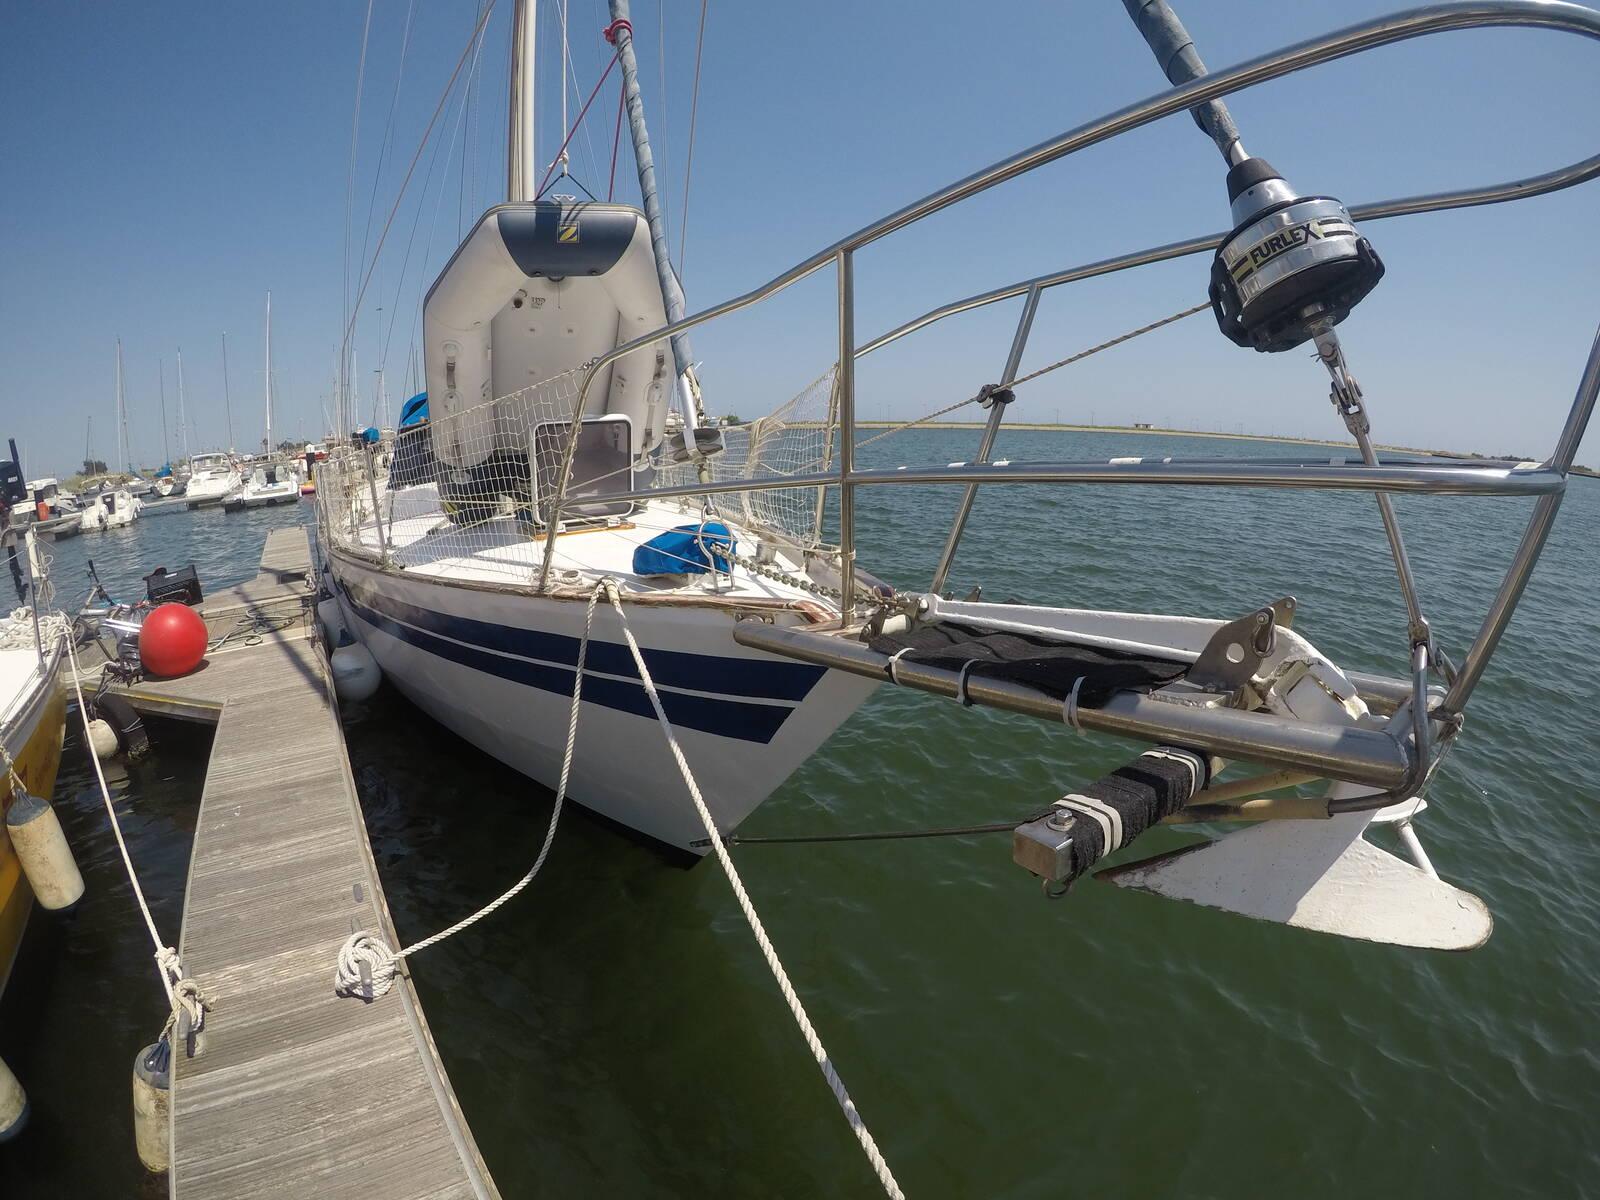 Van de Stadt Sailboat Steel bow